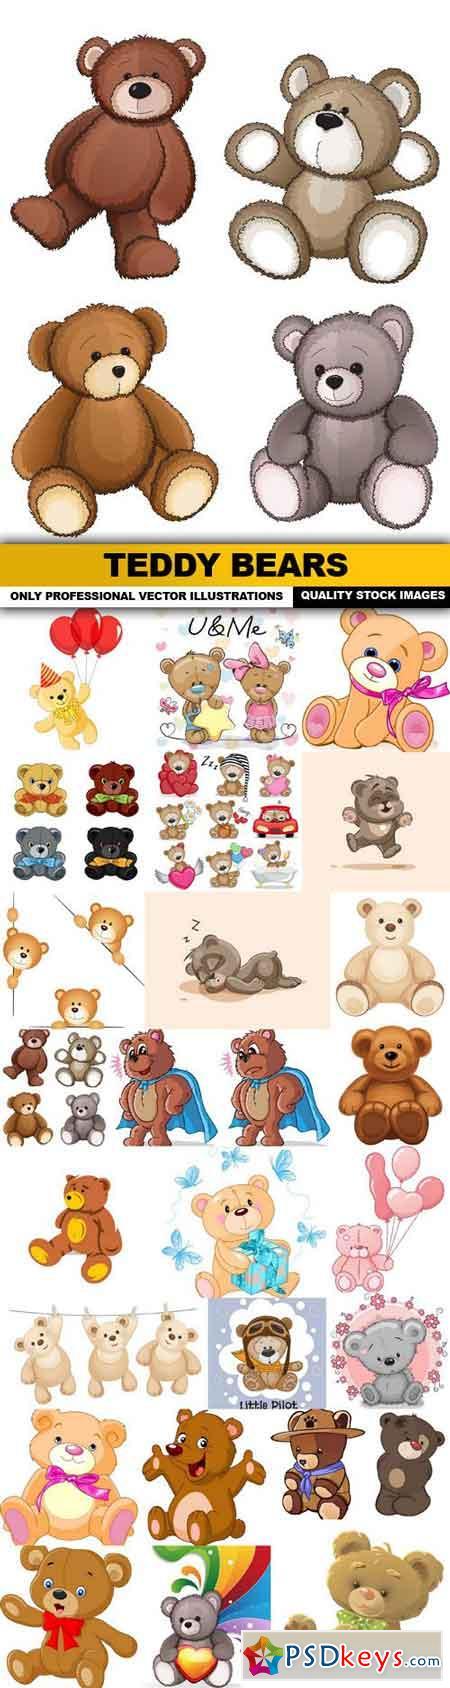 Teddy Bears - 25 Vector